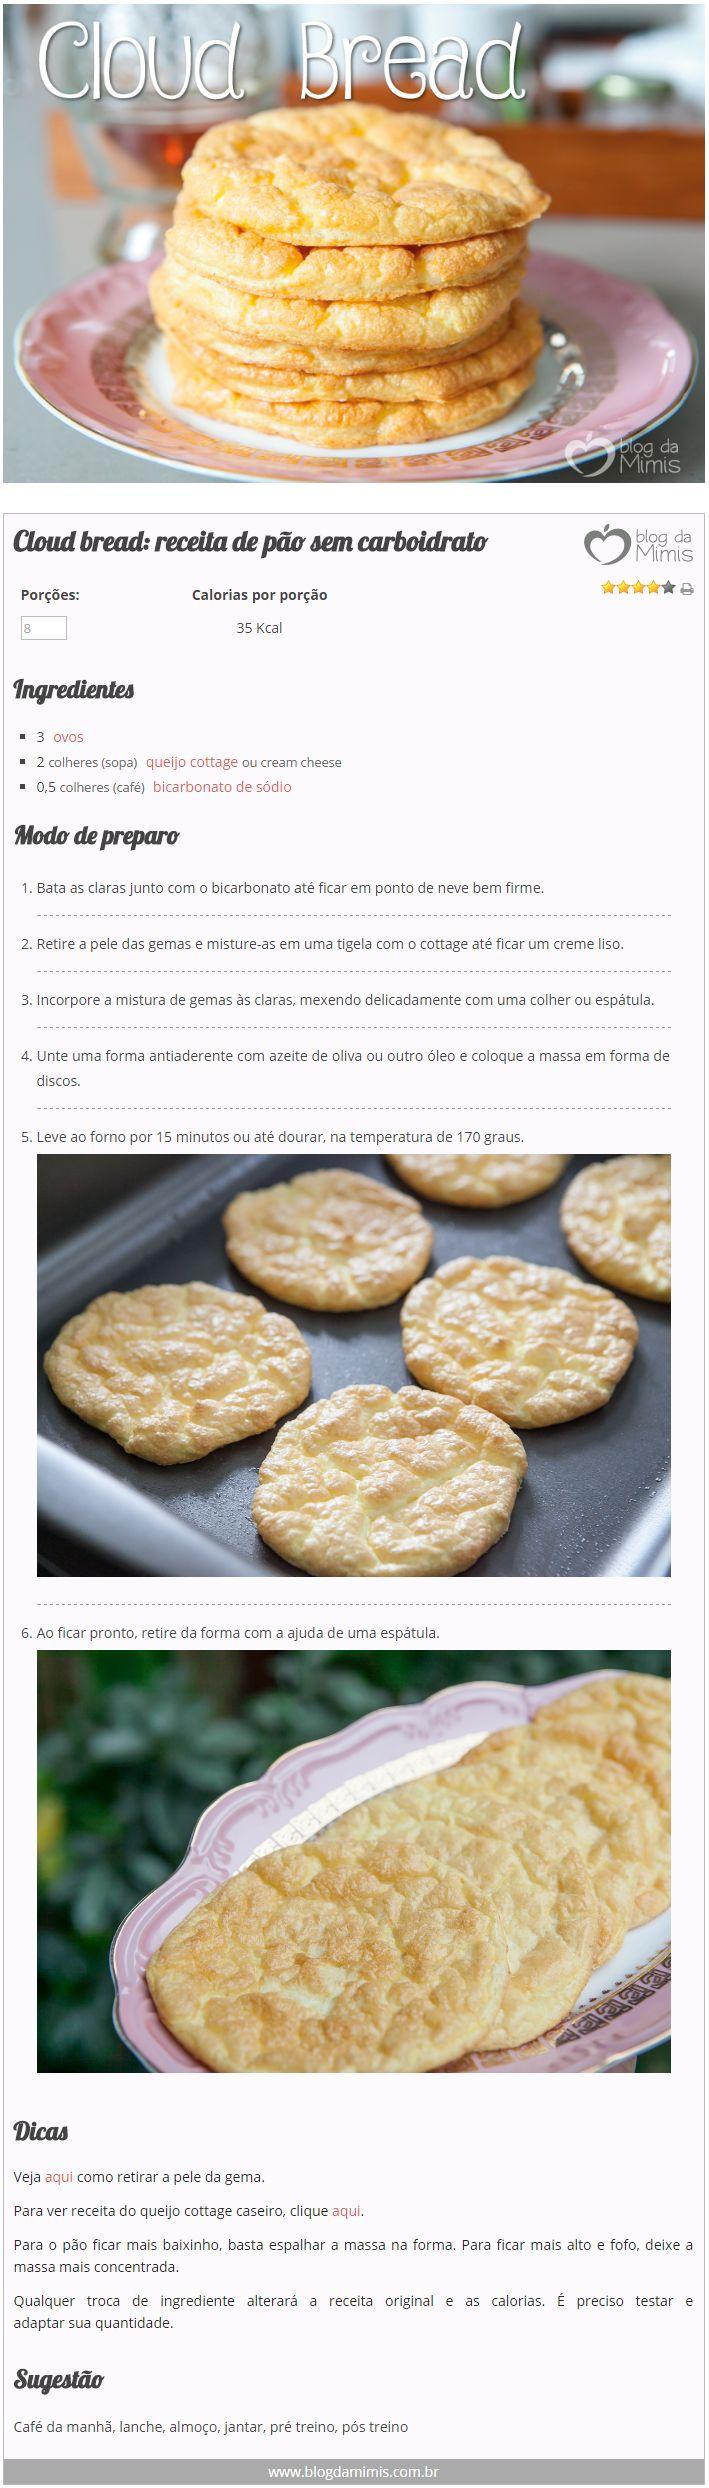 Cloud bread: receita de pão sem carboidrato - Blog da Mimis #cloudbread #bread #pão #pãonuvem #nuvem #receita #diet #dieta #emagrecer